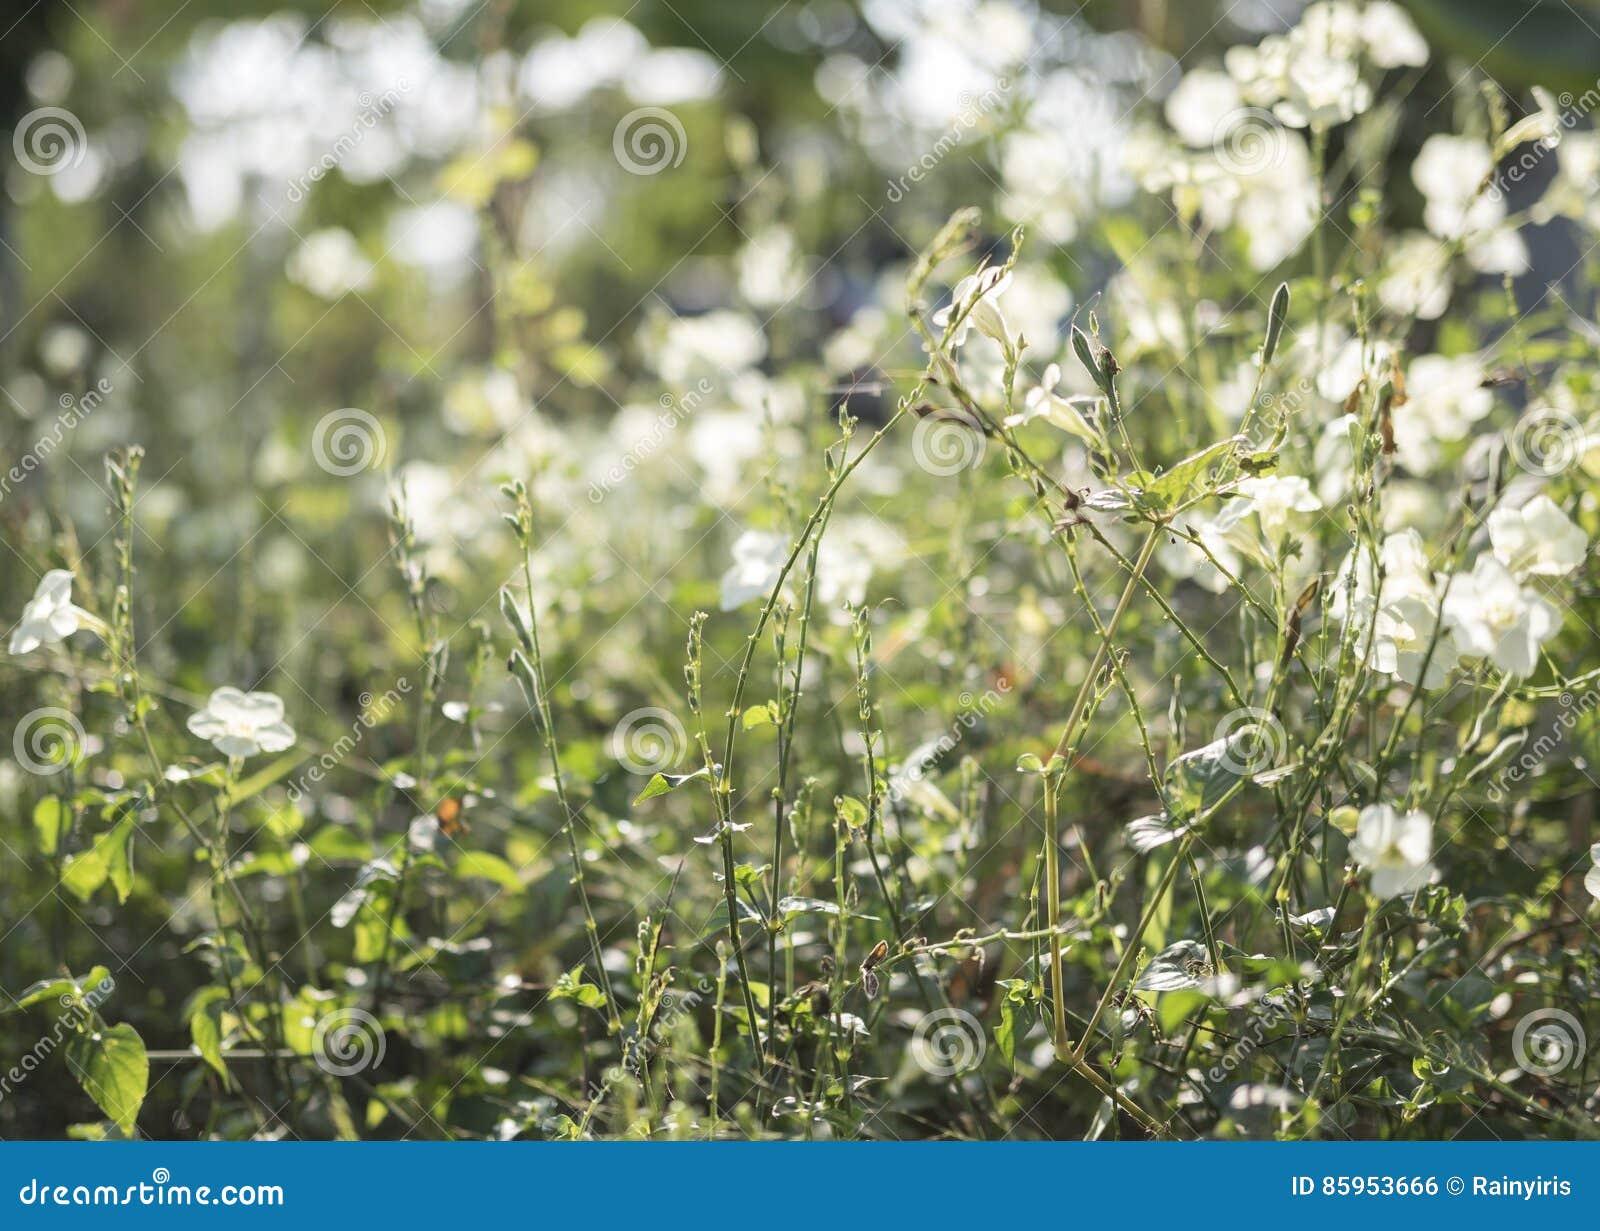 Sol En Hierba Verde Y La Flor Blanca Foto de archivo - Imagen de ... cb16648d703